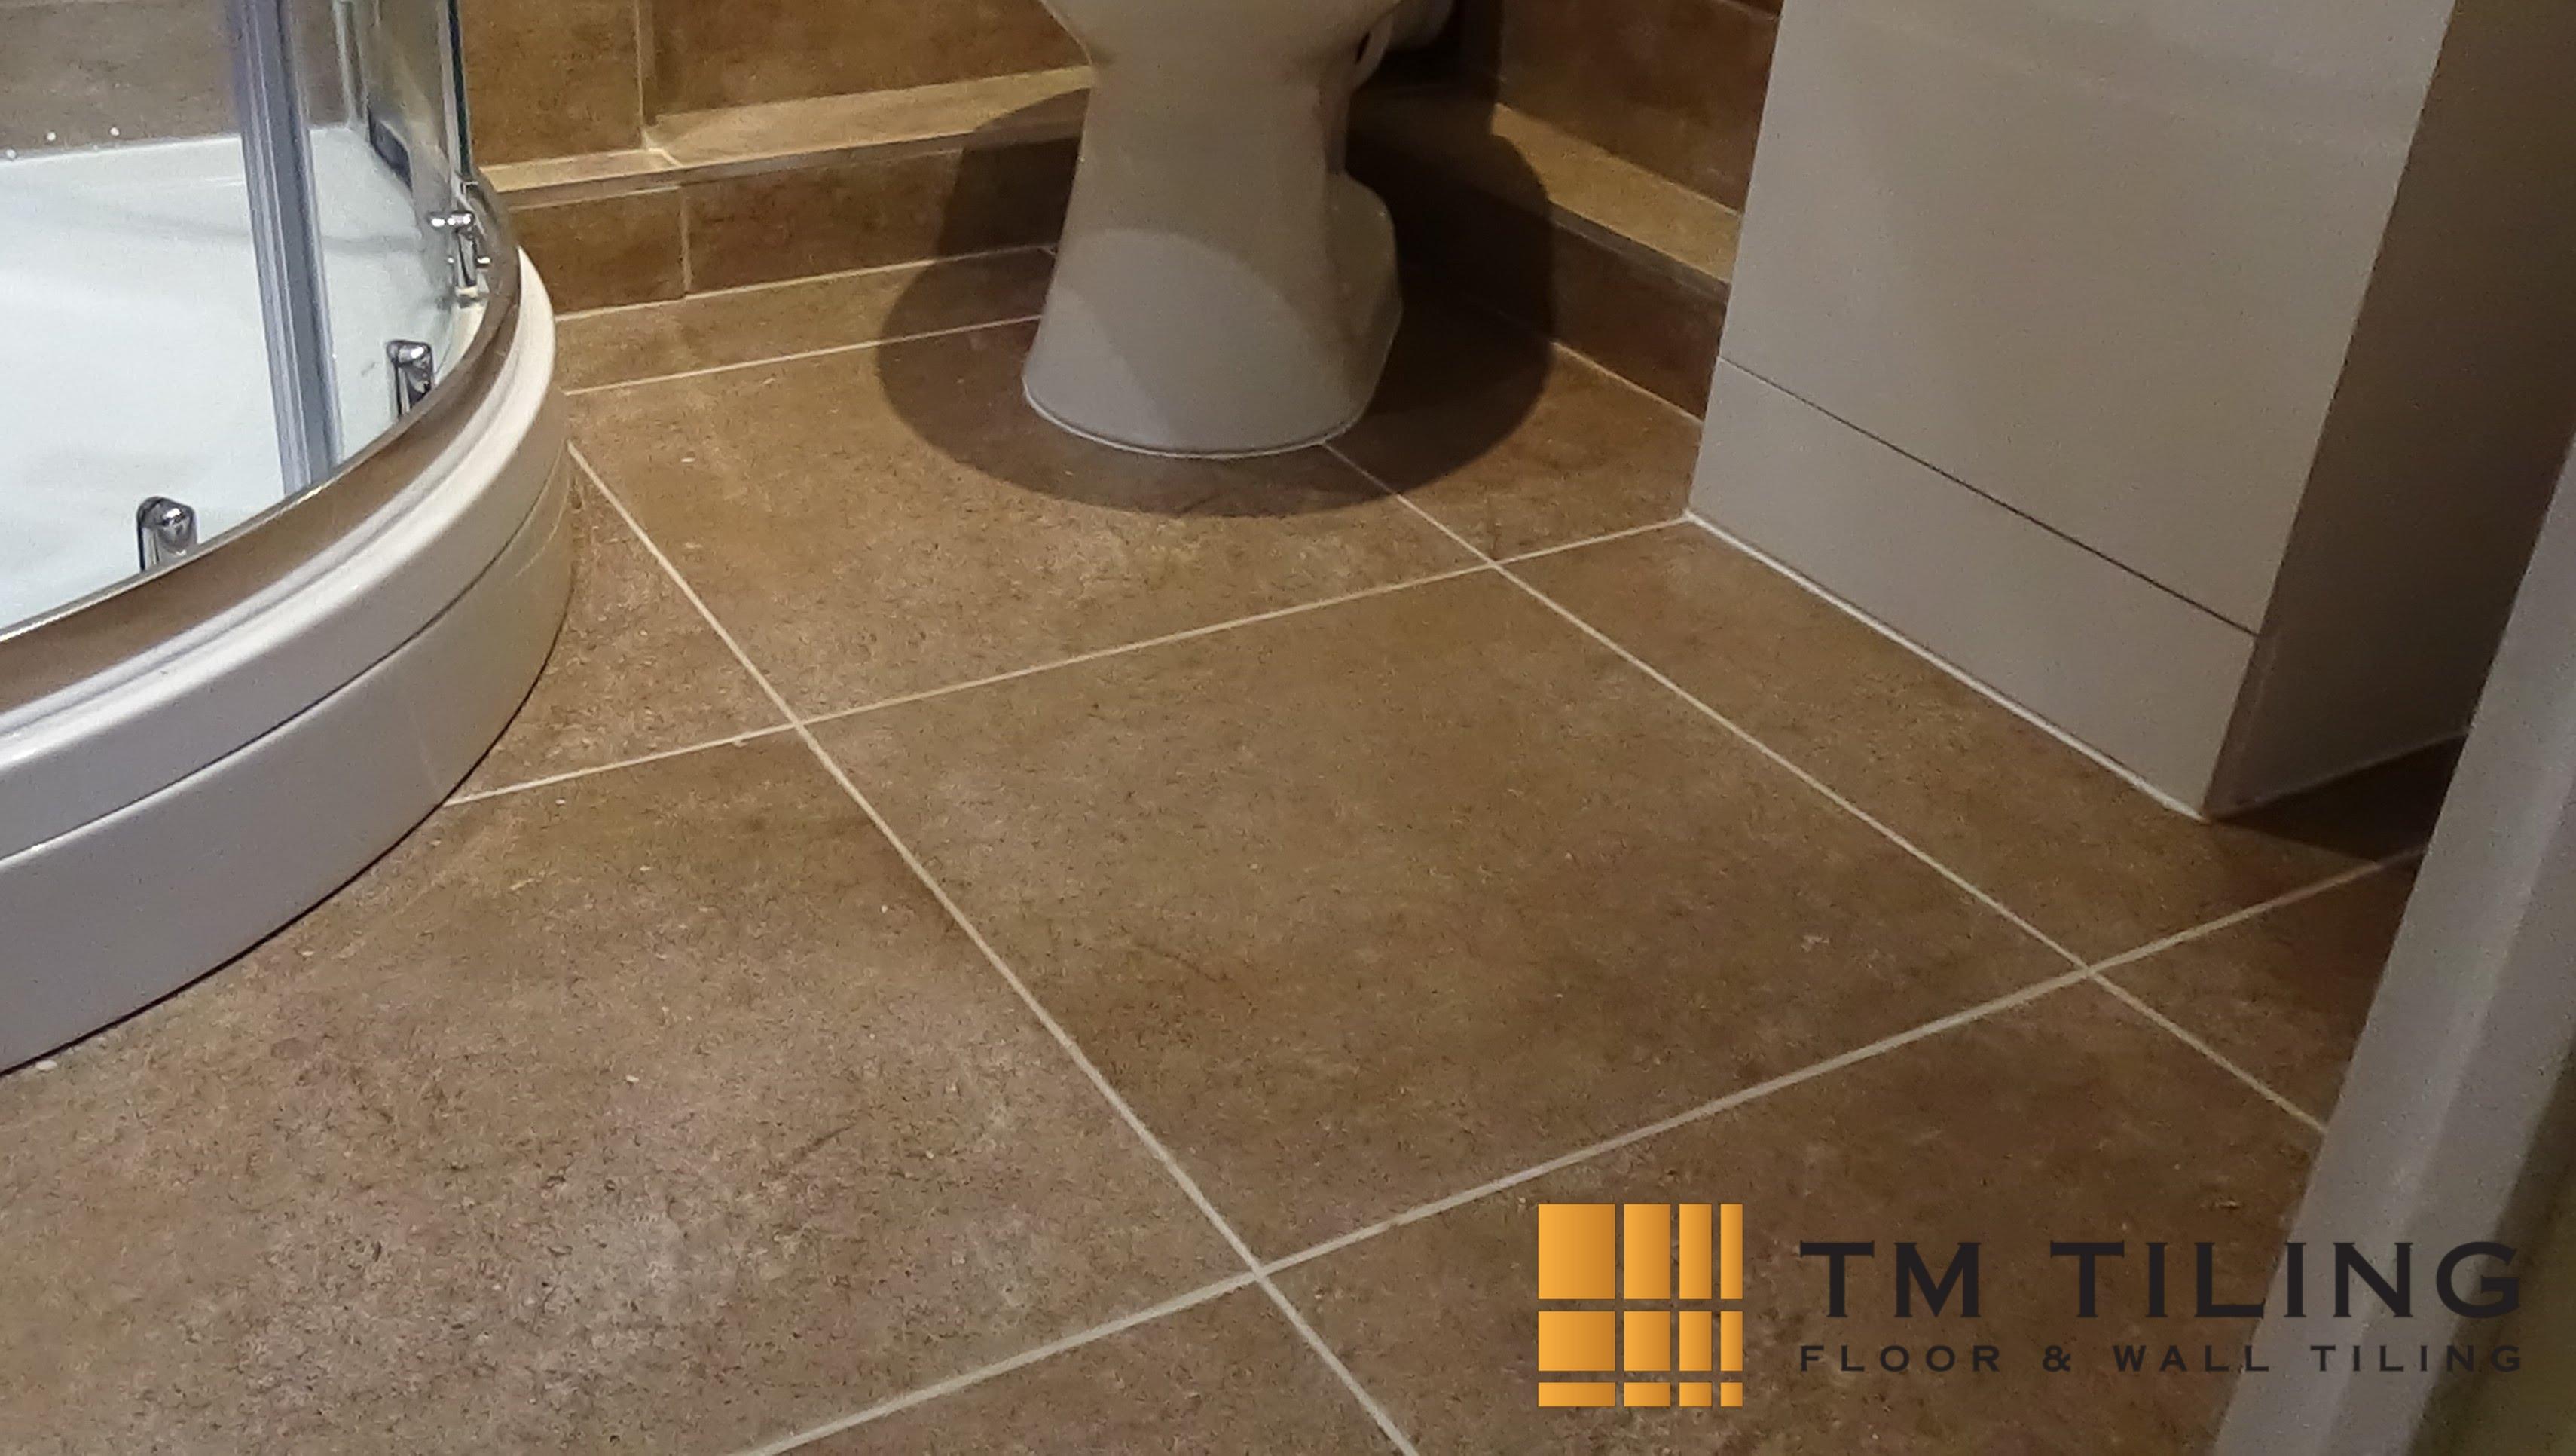 toilet-tiles-flooring-waterproofing-tm-tiling-singapore_wm